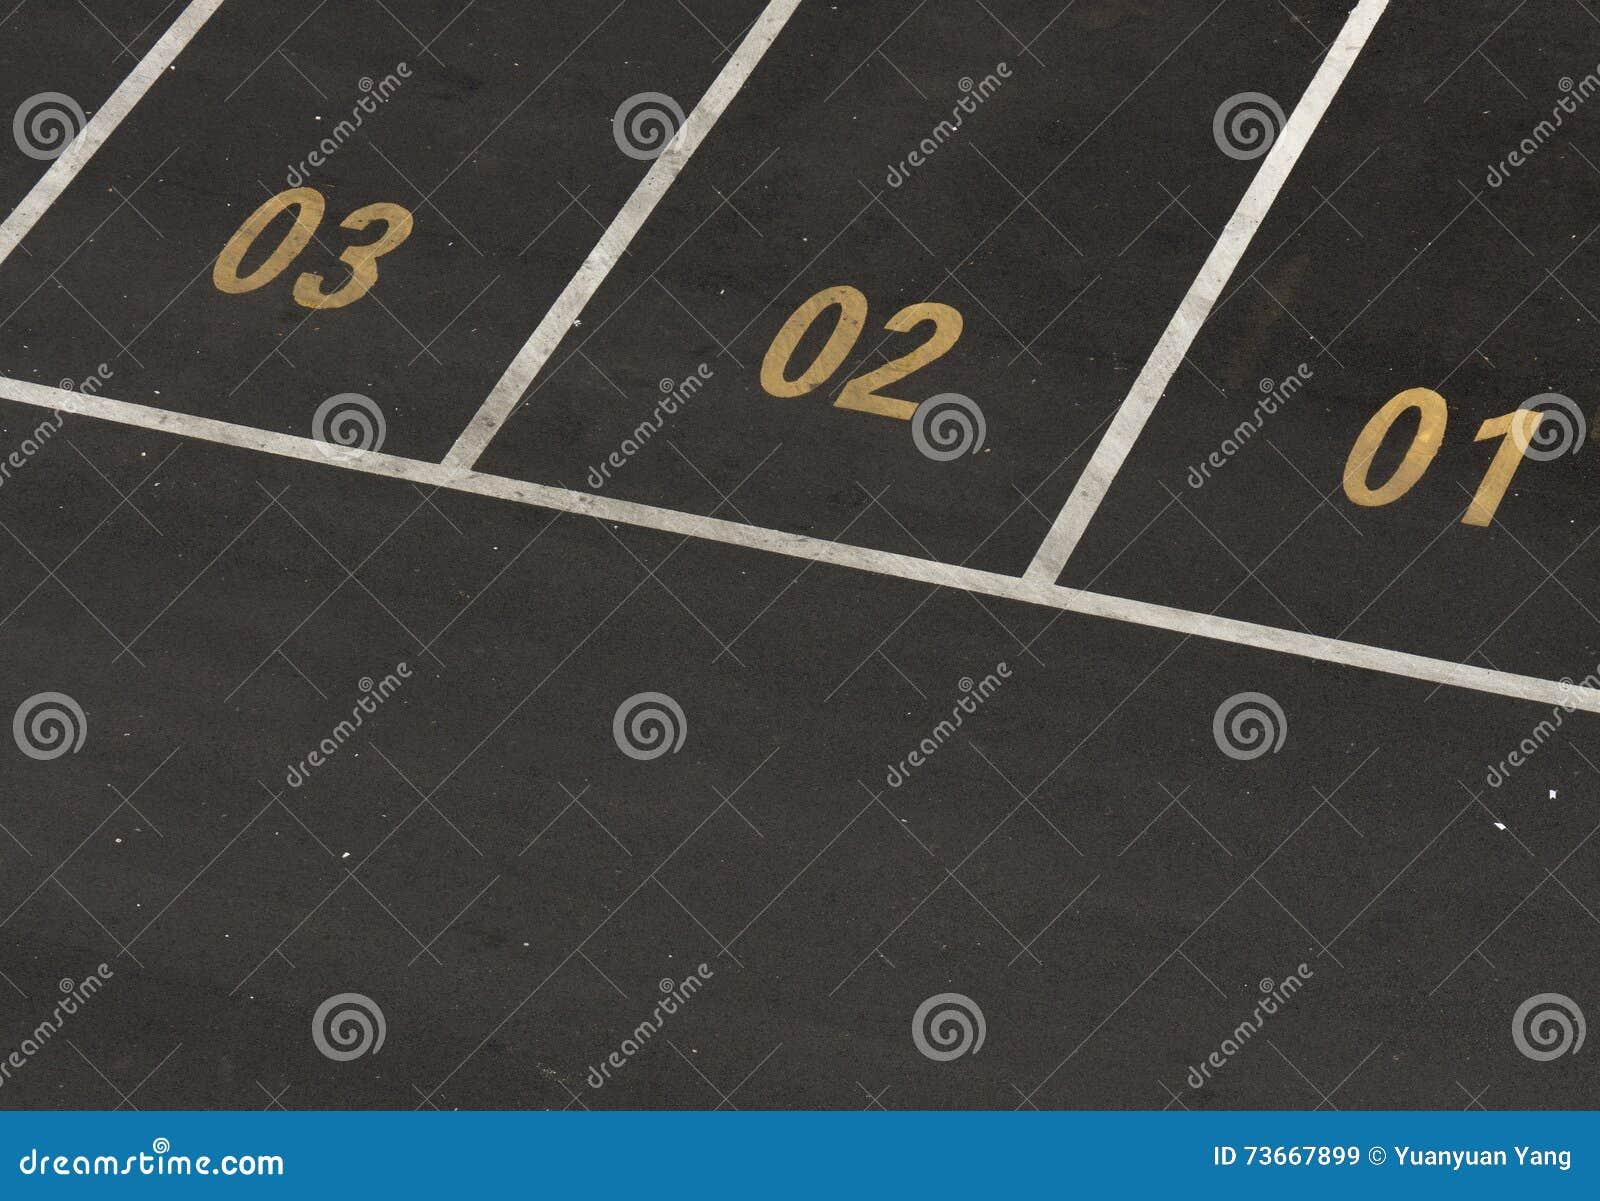 Estacionamiento del coche con números